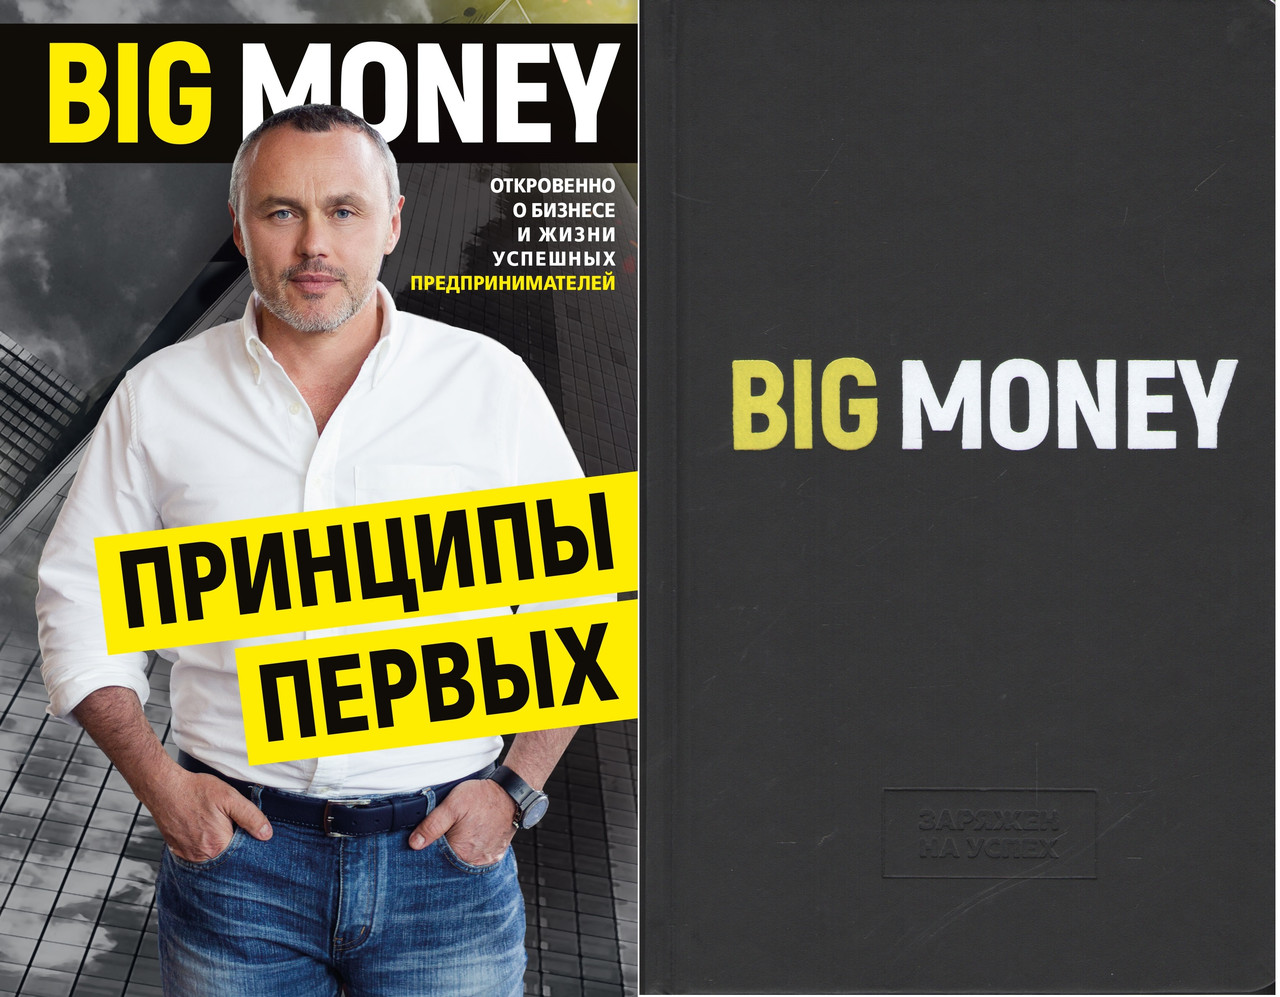 Big Money. Бизнес-блокнот Big Money: принципы первых Комплект подарочный